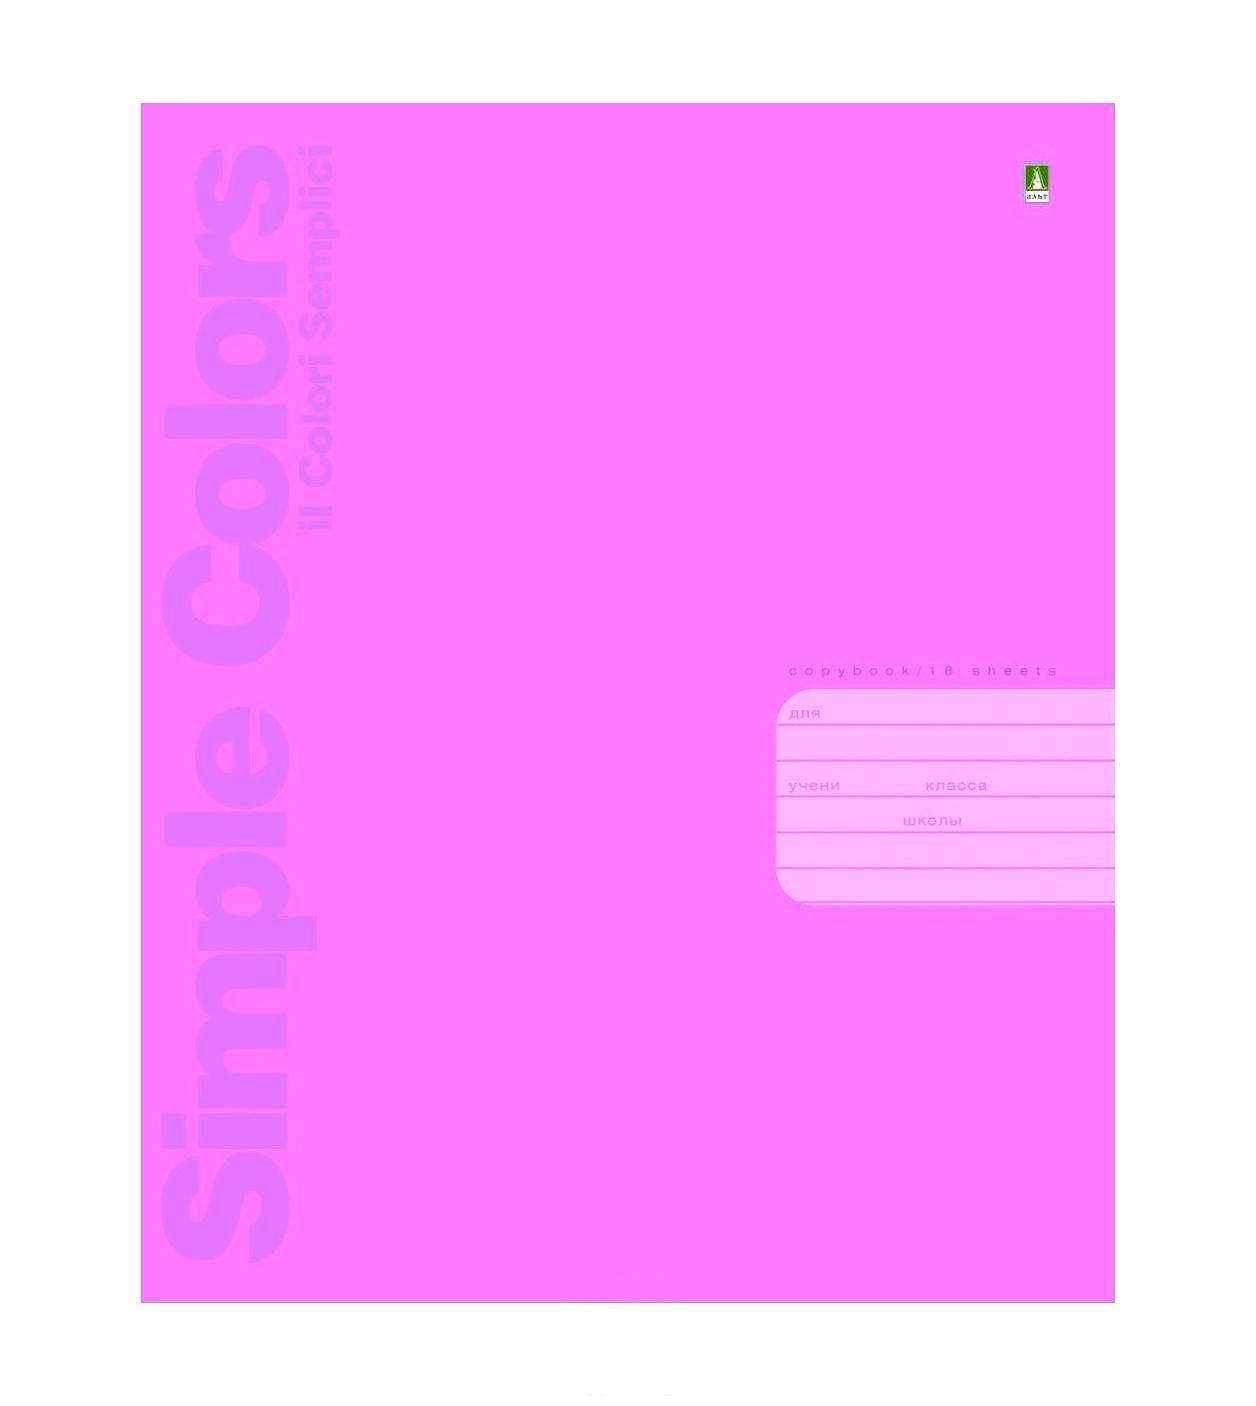 Набор тетрадей Альт, цвет: розовый, 18 листов, 10 шт72523WDНабор тетрадей Альт Простые цвета отличается универсальностью и подходит школьникам вне зависимости от пола и возраста. Тетради из этой серии выпускаются в четырех цветах обложки. Для них использован дизайнерский картон170 грамм. Печать, произведенная красками из модели Pantone,позволила добиться интенсивных, максимально насыщенных тонов. Текстовая информация выделенас помощью выборочного УФ-лака. Данные ученика вносятся в выделенное поле. Блоки на скрепках состоят из 18 листов, а высококачественная белая бумага подходит для любых чернил. Линовка в клетку отличается четкостью, совпадает с обеих сторон листа. Поля отмечены красным цветом.